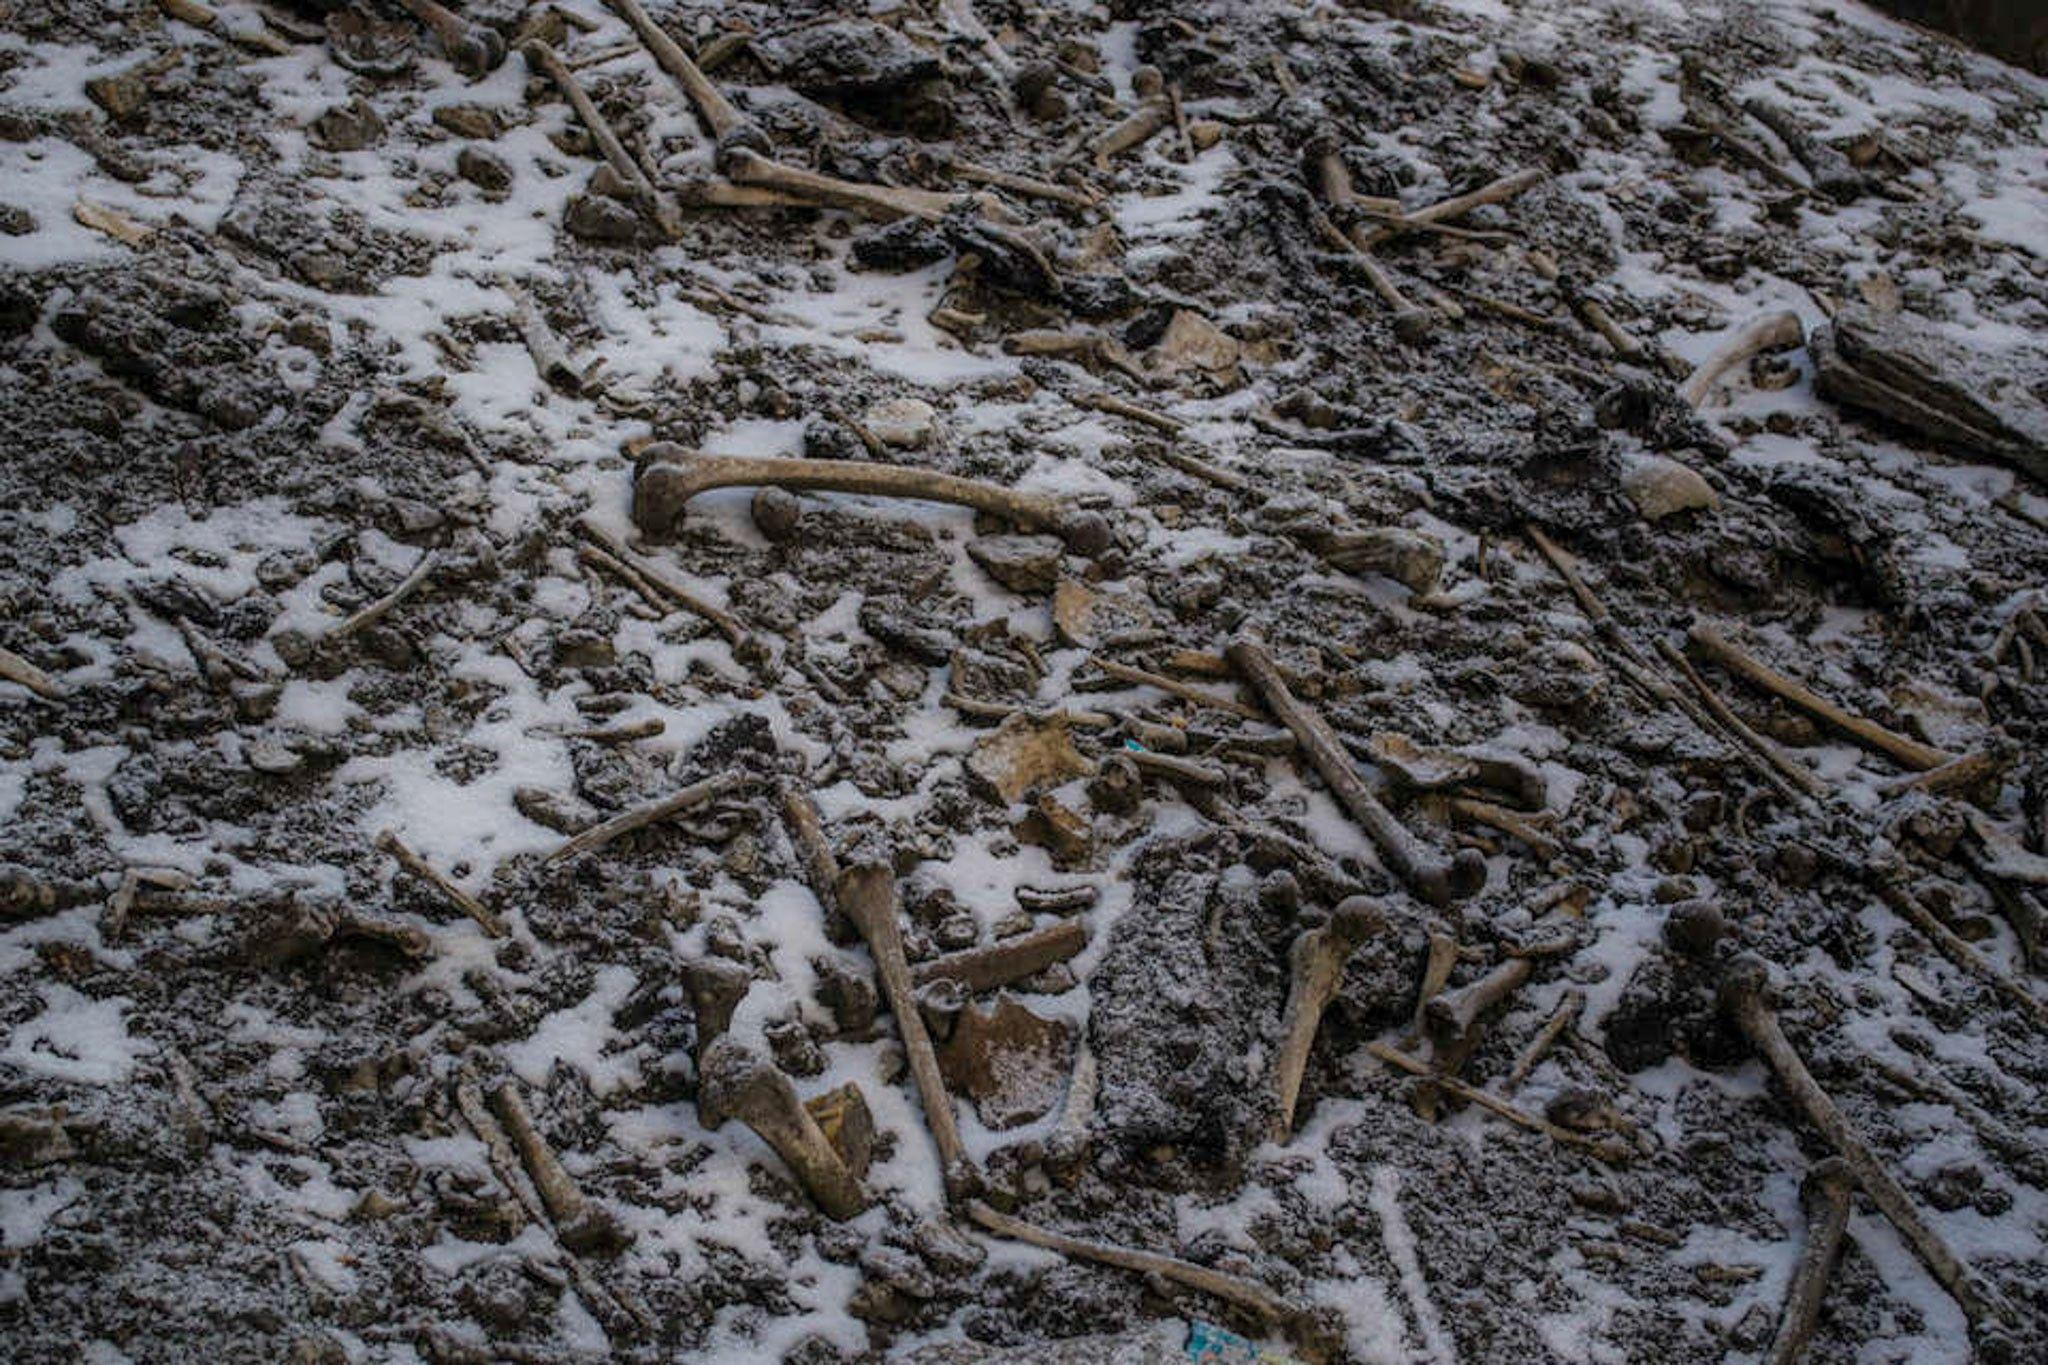 Estudo de DNA aumenta mistério sobre lago dos esqueletos | National Geographic